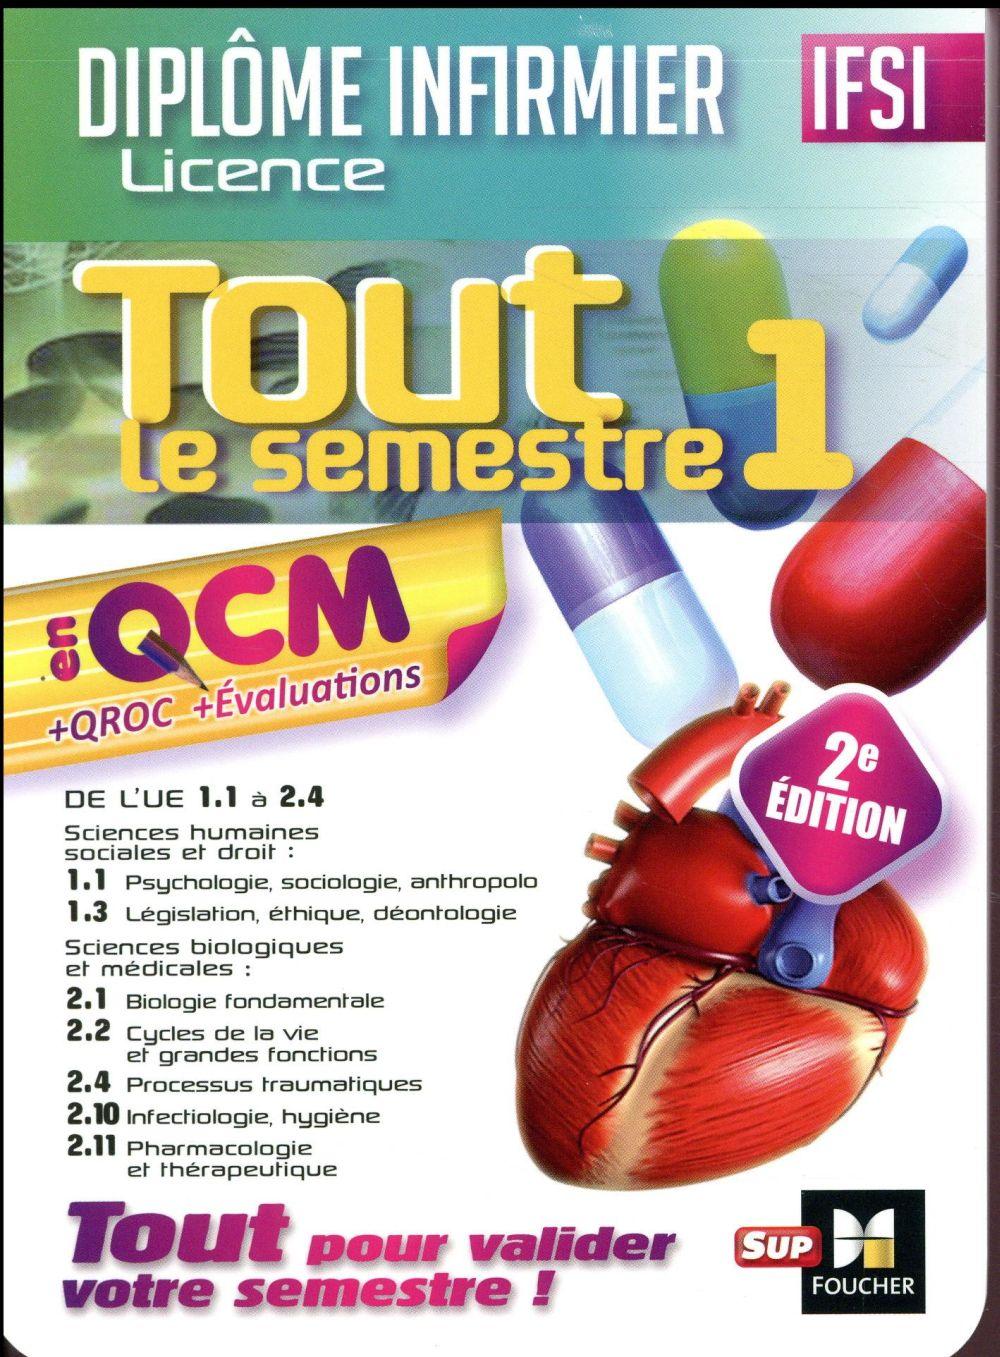 IFSI TOUT LE SEMESTRE 1 EN QCM ET QROC  -  DIPLOME INFIRMIER (2E EDITION)